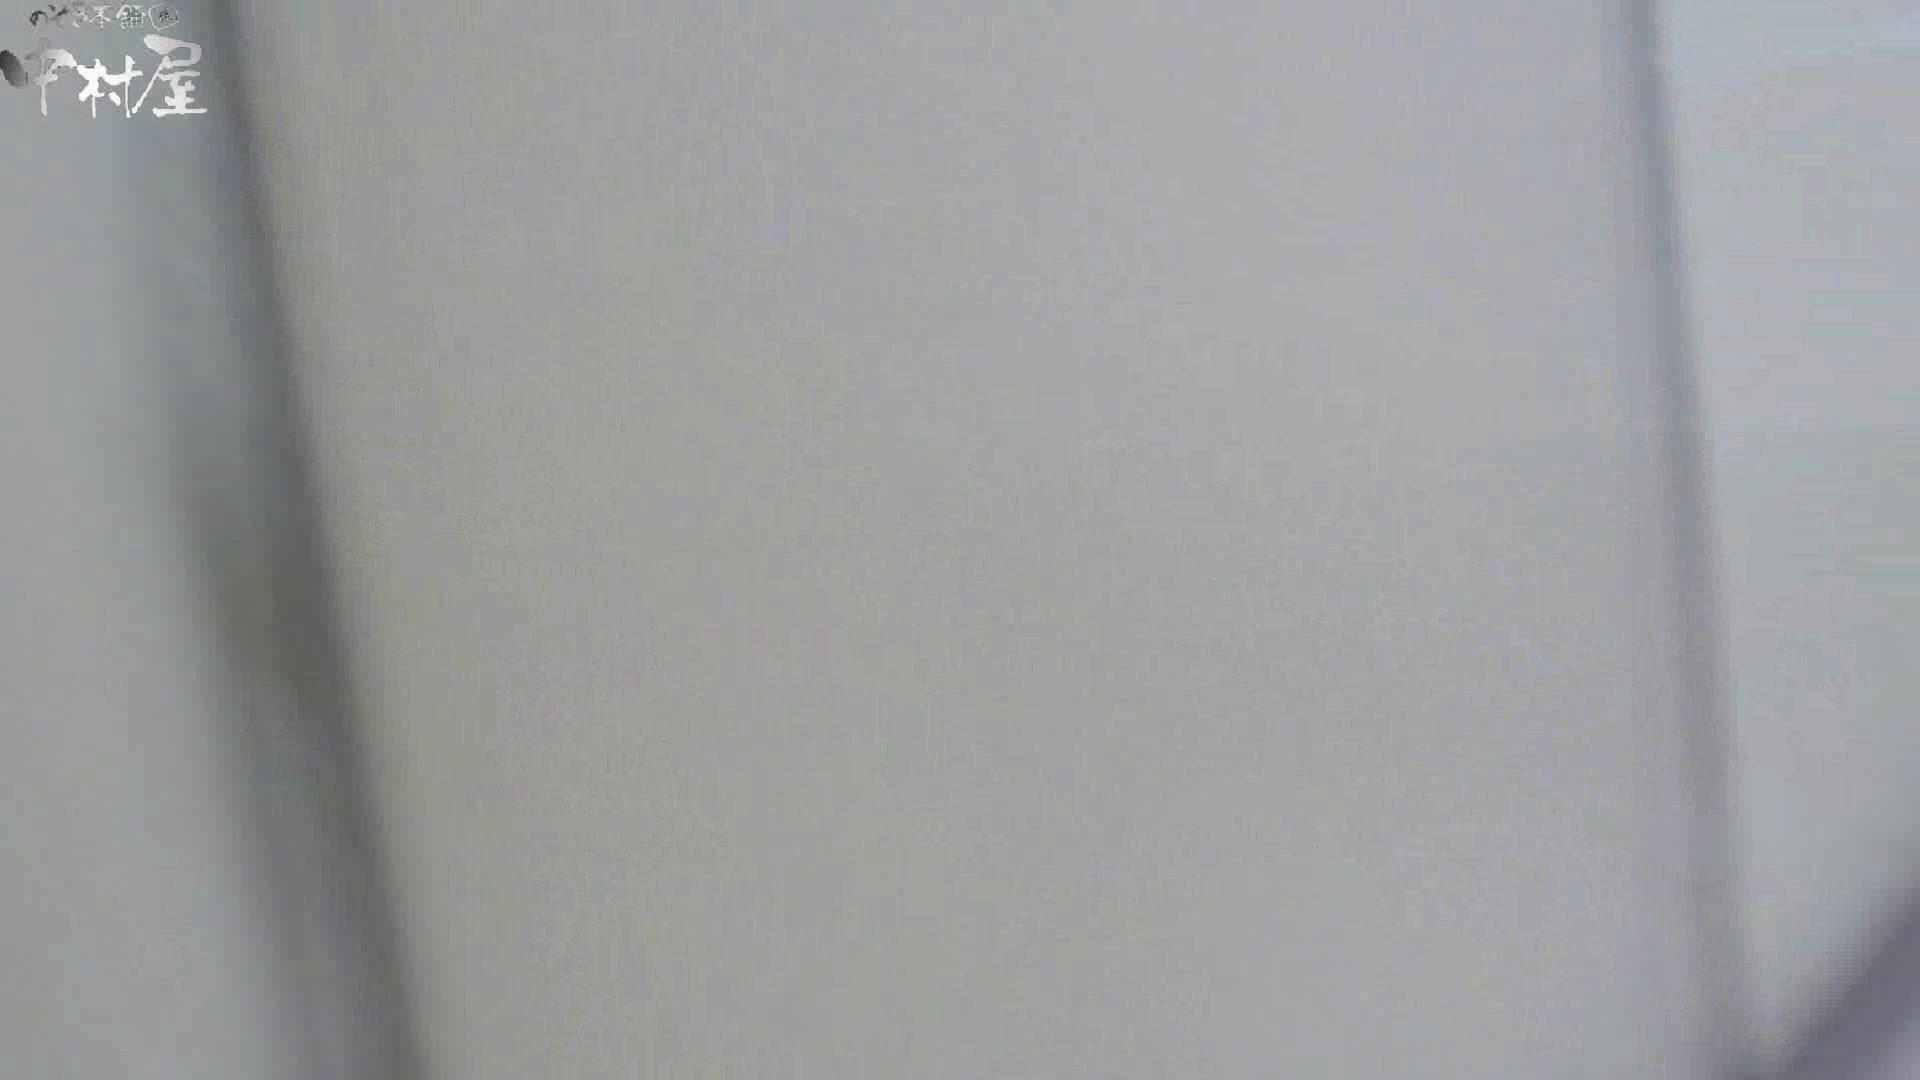 魂のかわや盗撮62連発! 中腰でオマンコパカァ~ 44発目! 黄金水 AV無料動画キャプチャ 102PIX 11